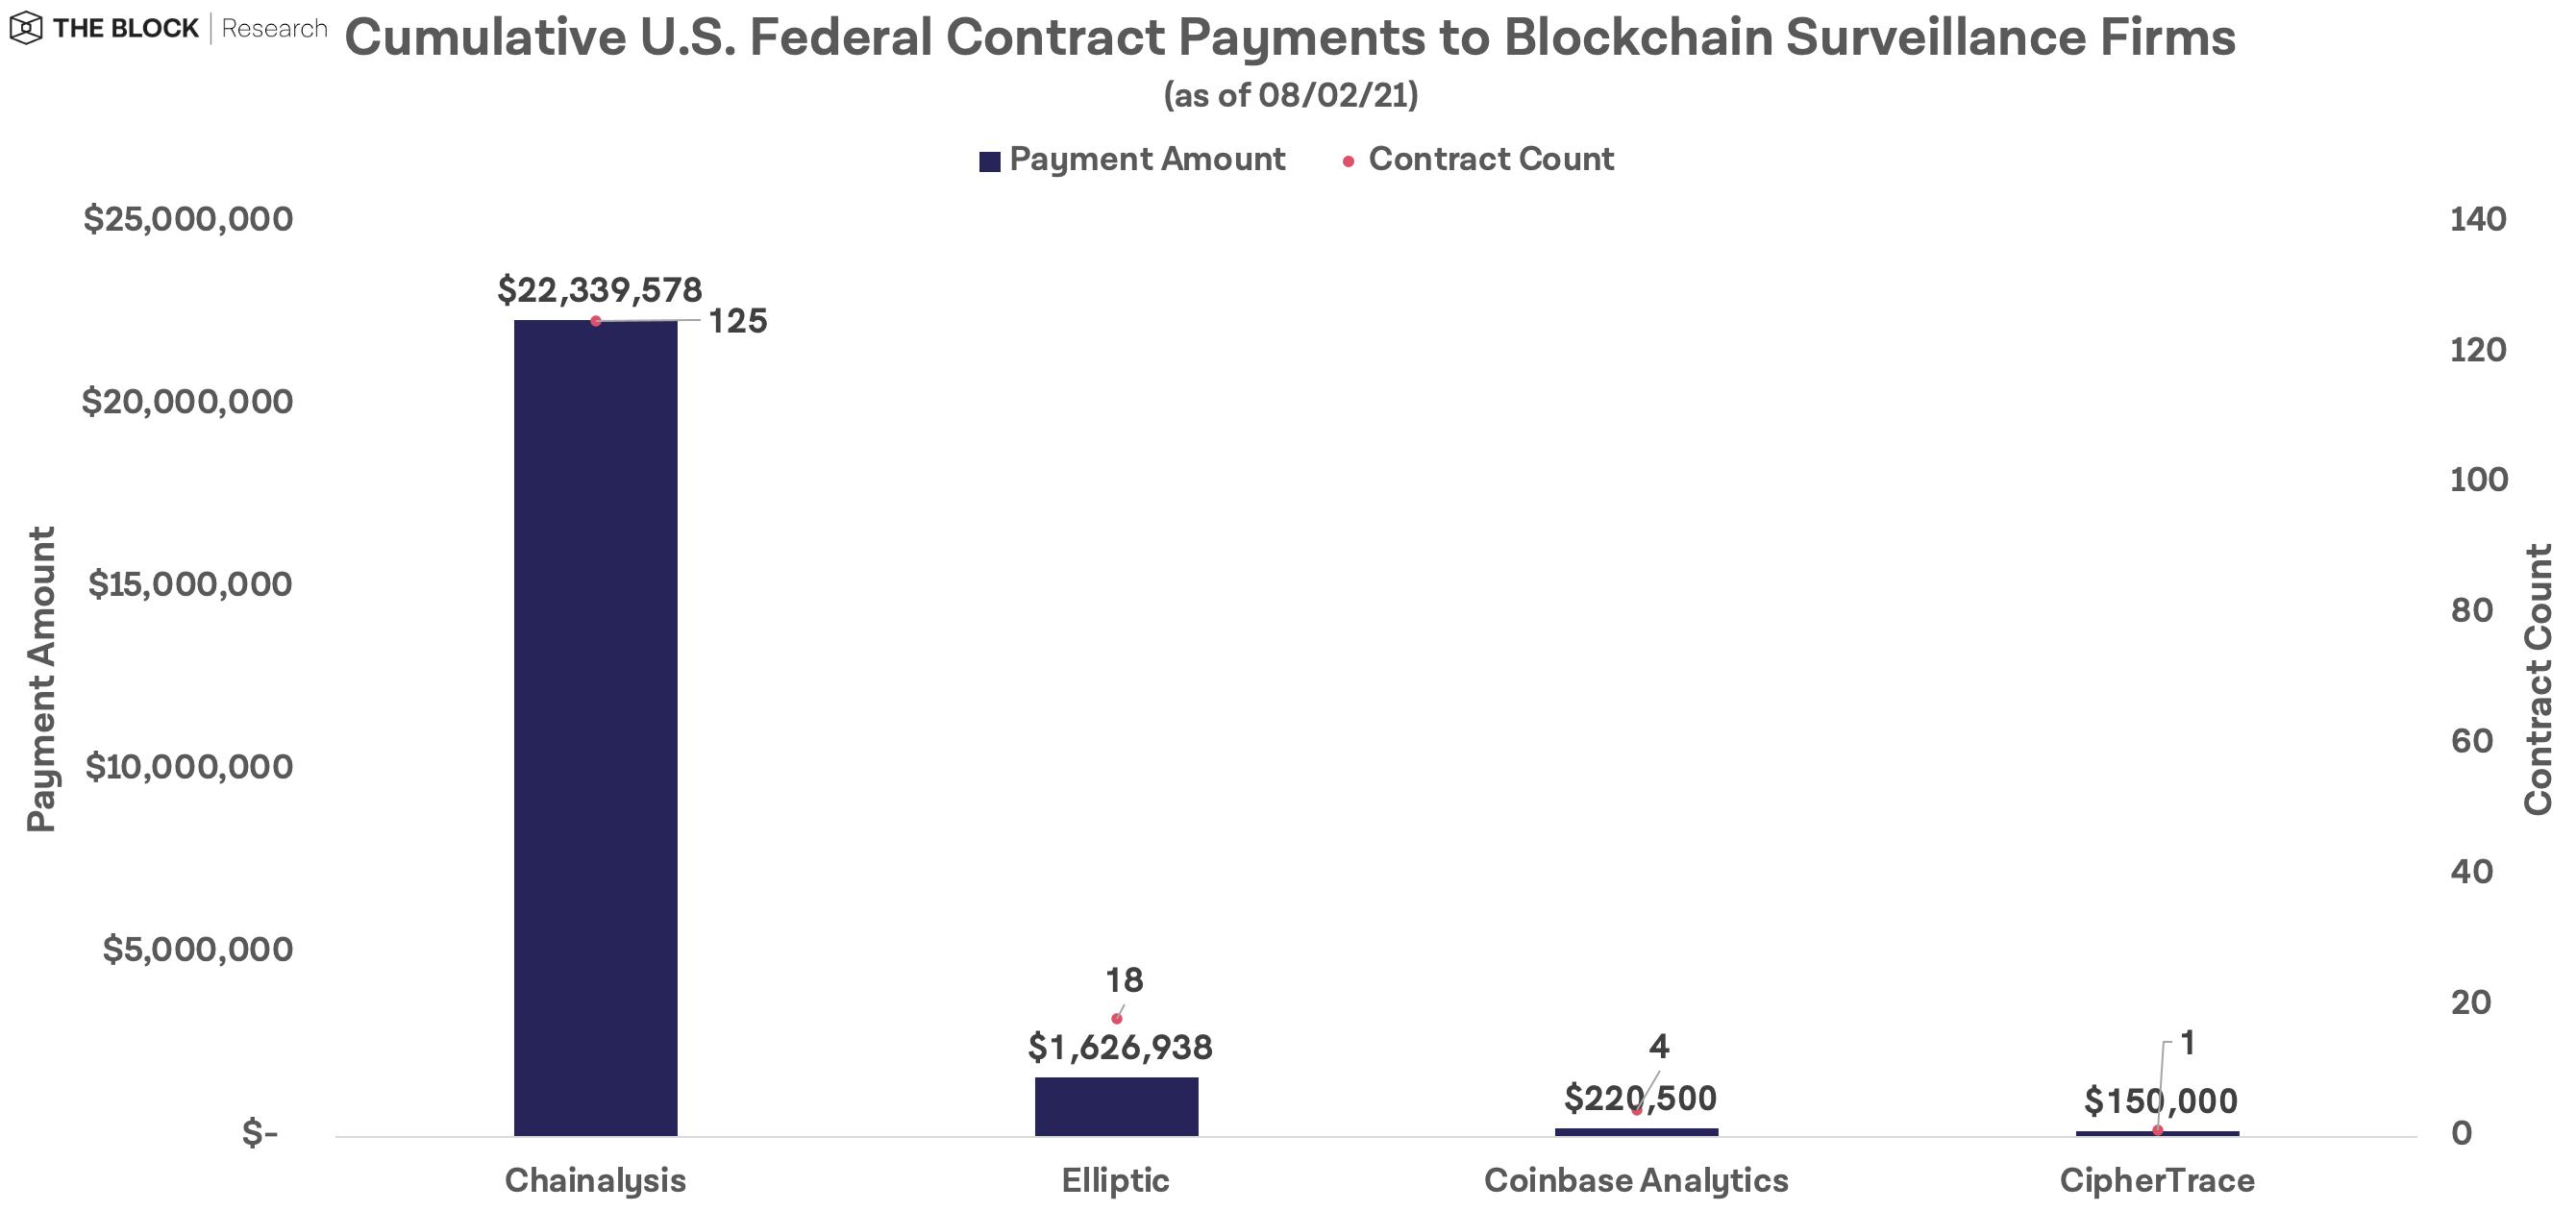 Montant cumulé des contrats remportés par les entreprises d'analyse blockchain, montrant une écrasante domination de Chainalysis sur ses concurrents Elliptic, Coinbase Analytics et CipherTrace